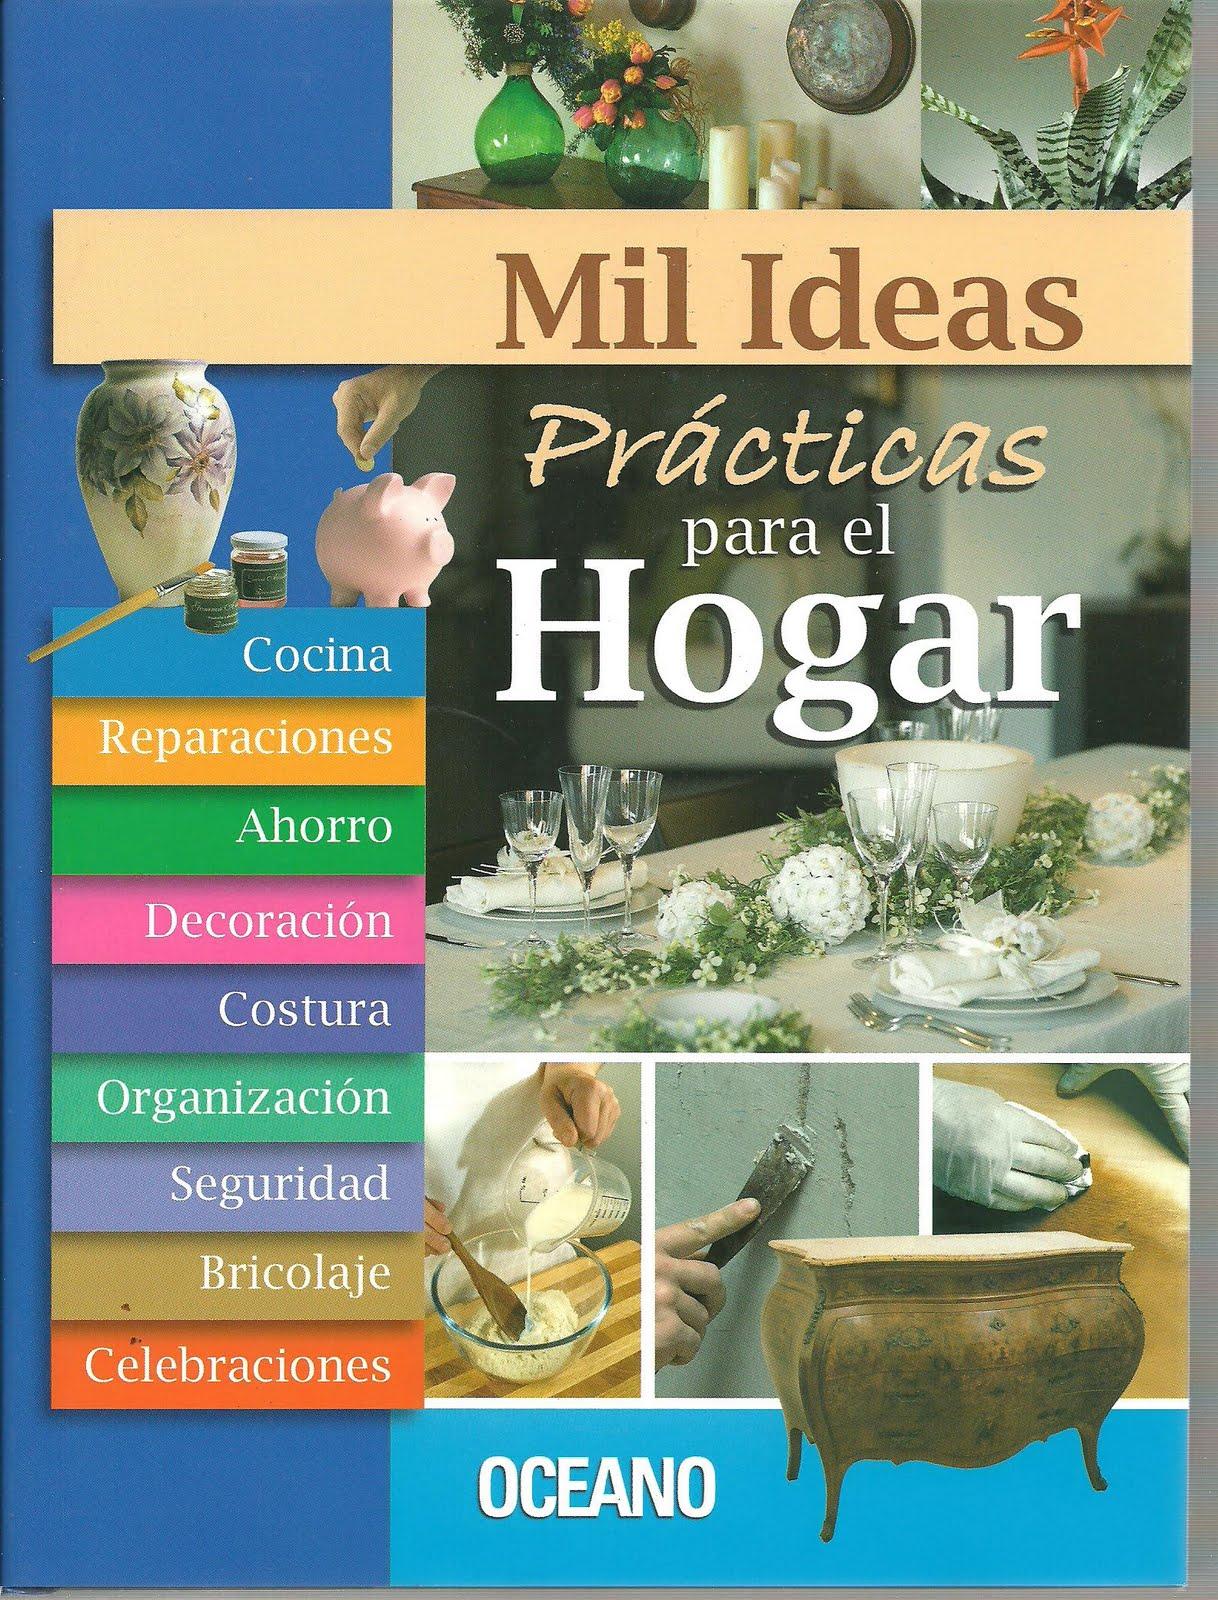 Libro mil ideas practicas para el hogar consejos for Ideas para decorar el hogar